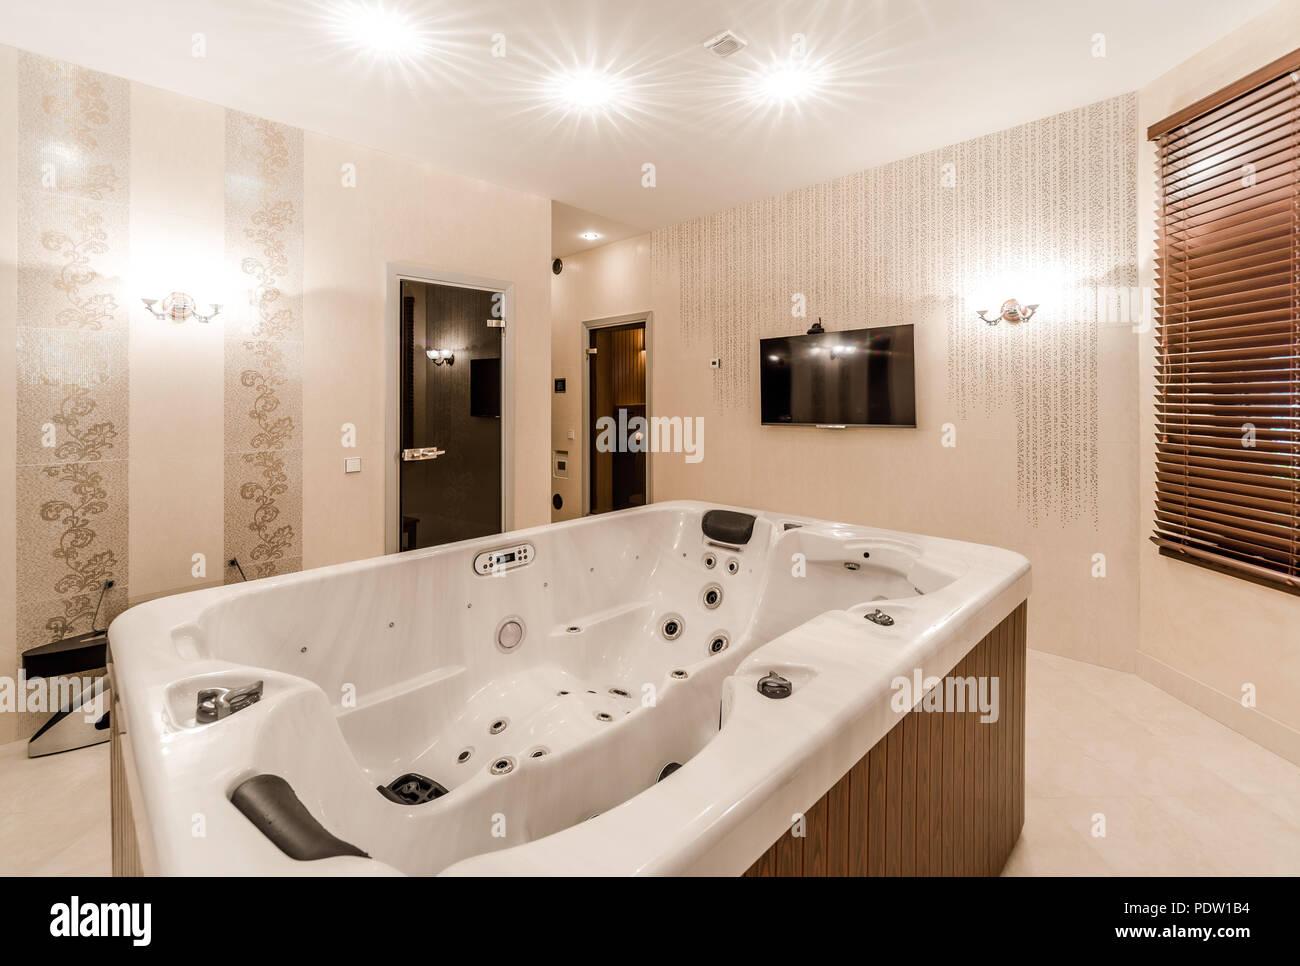 Innenraum der modernen Badezimmer mit Jacuzzi Stockfotografie - Alamy